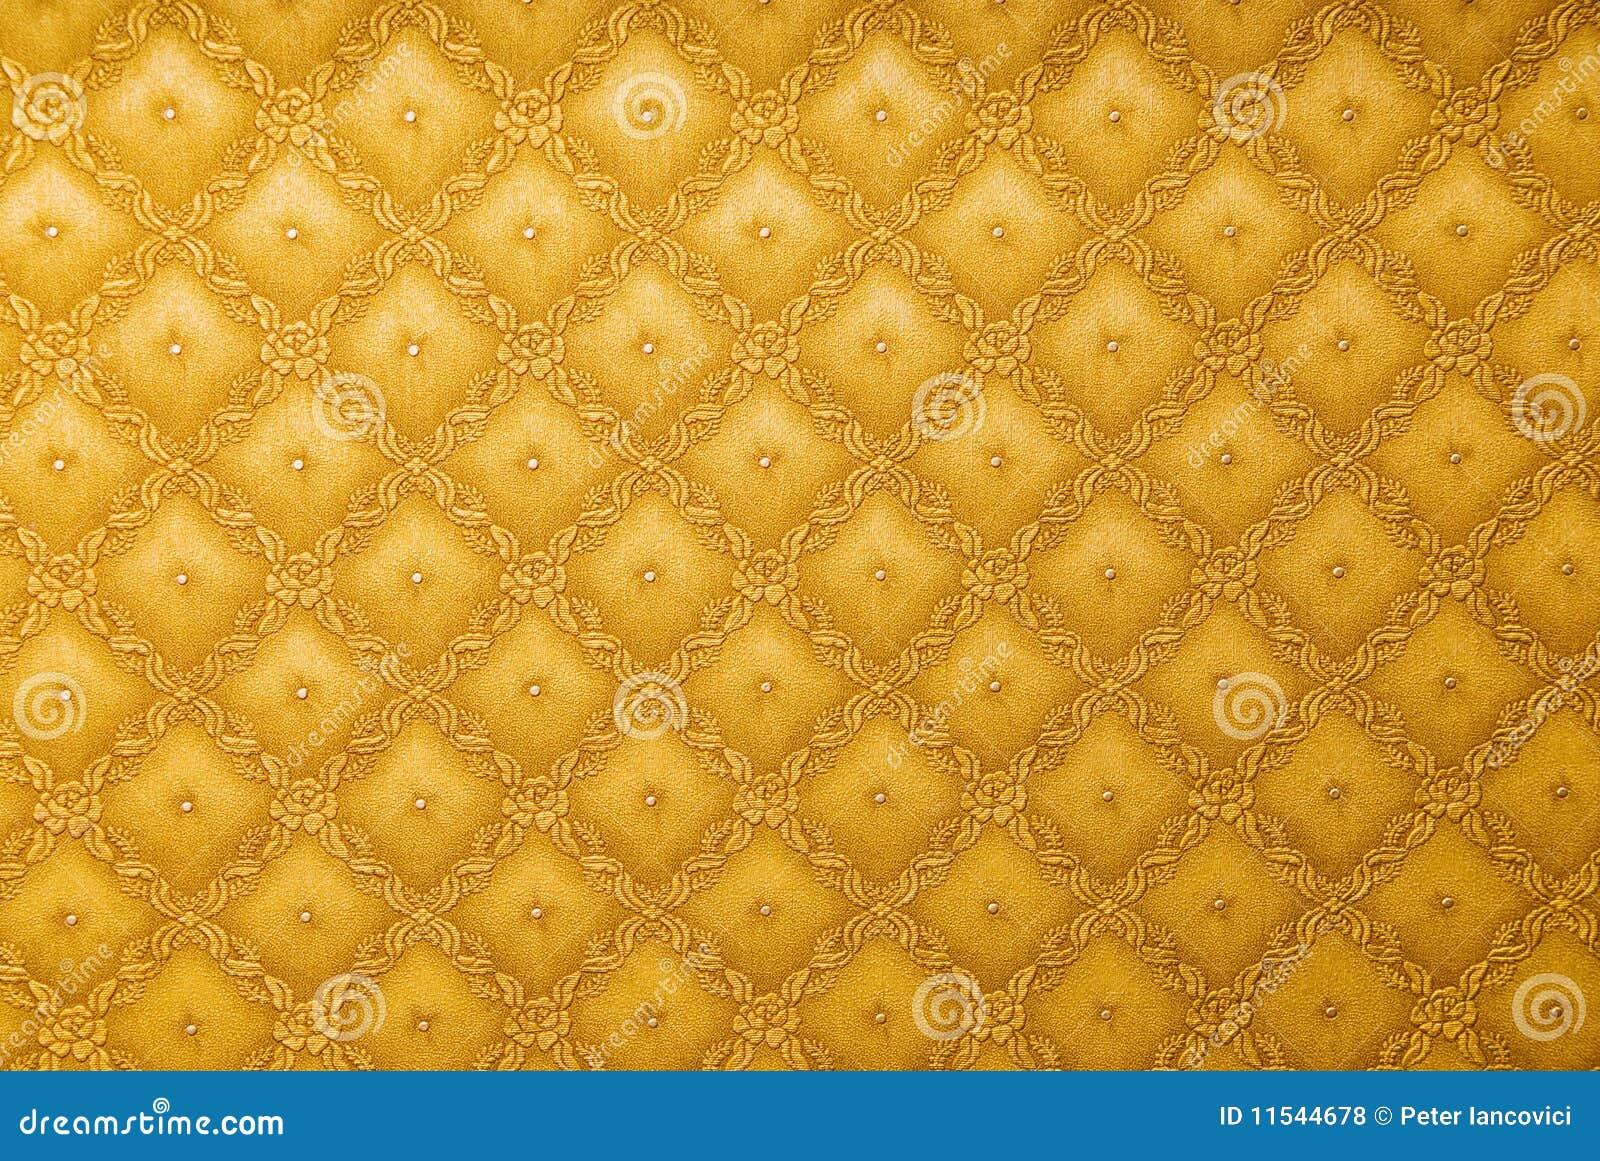 Carta da parati astratta dell 39 oro fotografia stock for Carta da parati oro